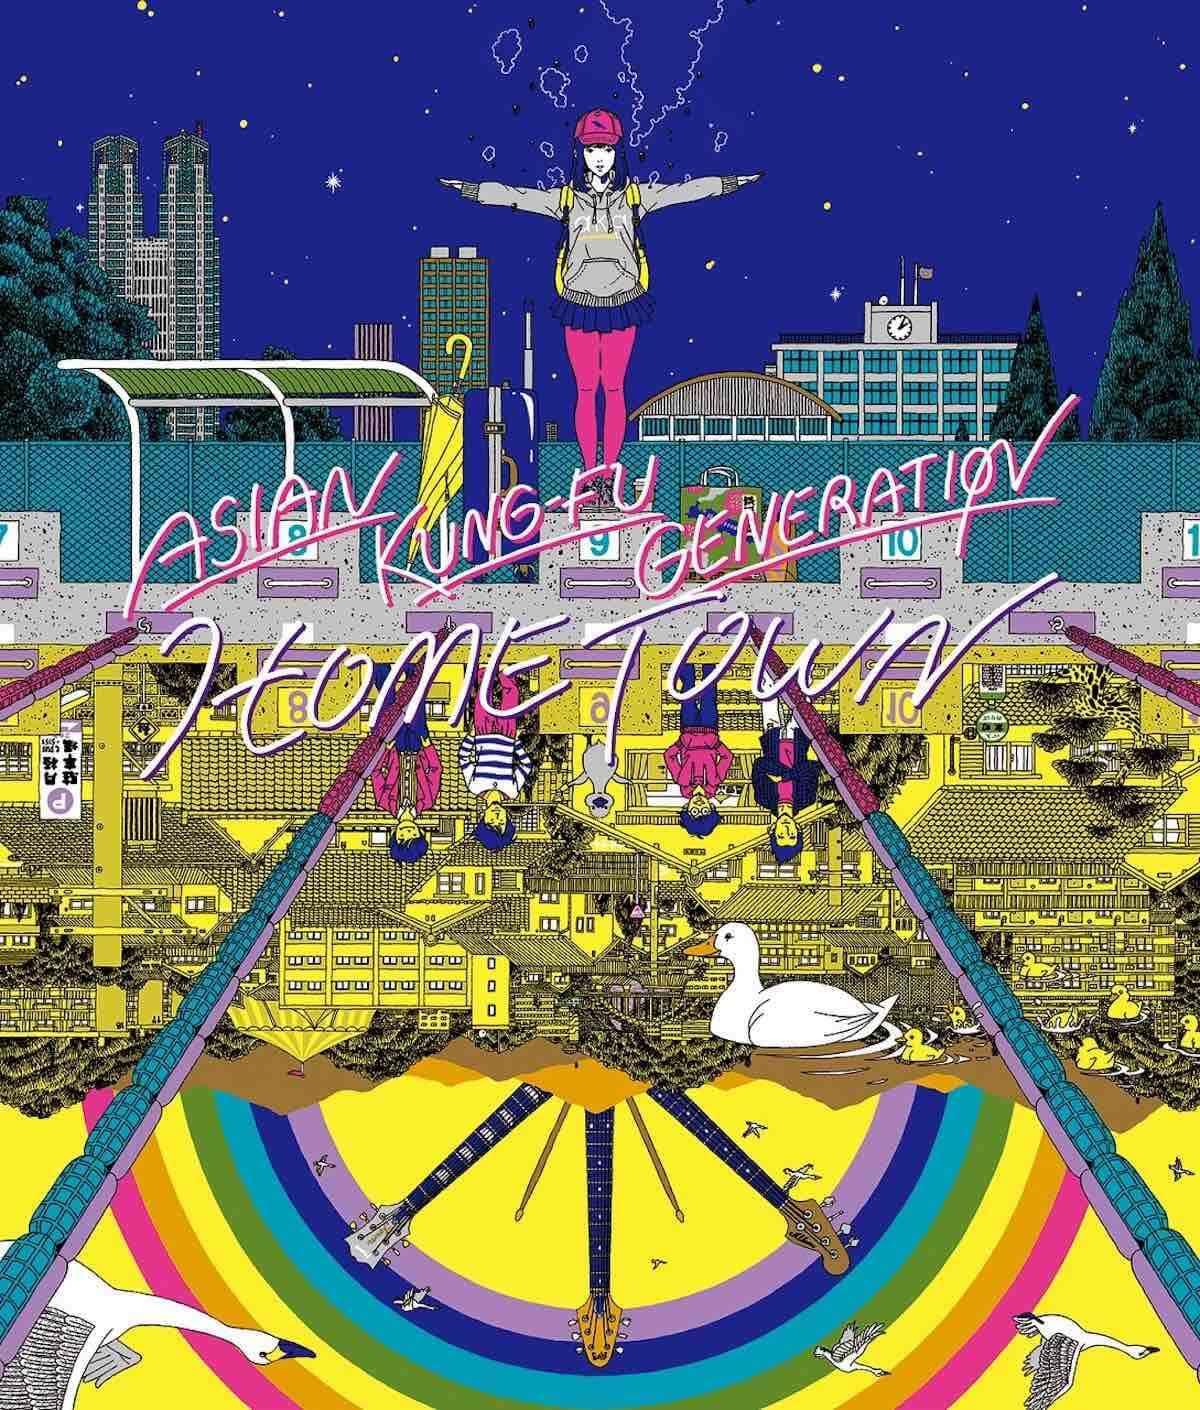 アジカン新作アルバム『ホームタウン』ジャケ写公開!リヴァース・クオモ(Weezer)らが参加、パワーポップを主軸とした作品に! music181107_asiankung-fu_2-1200x1410